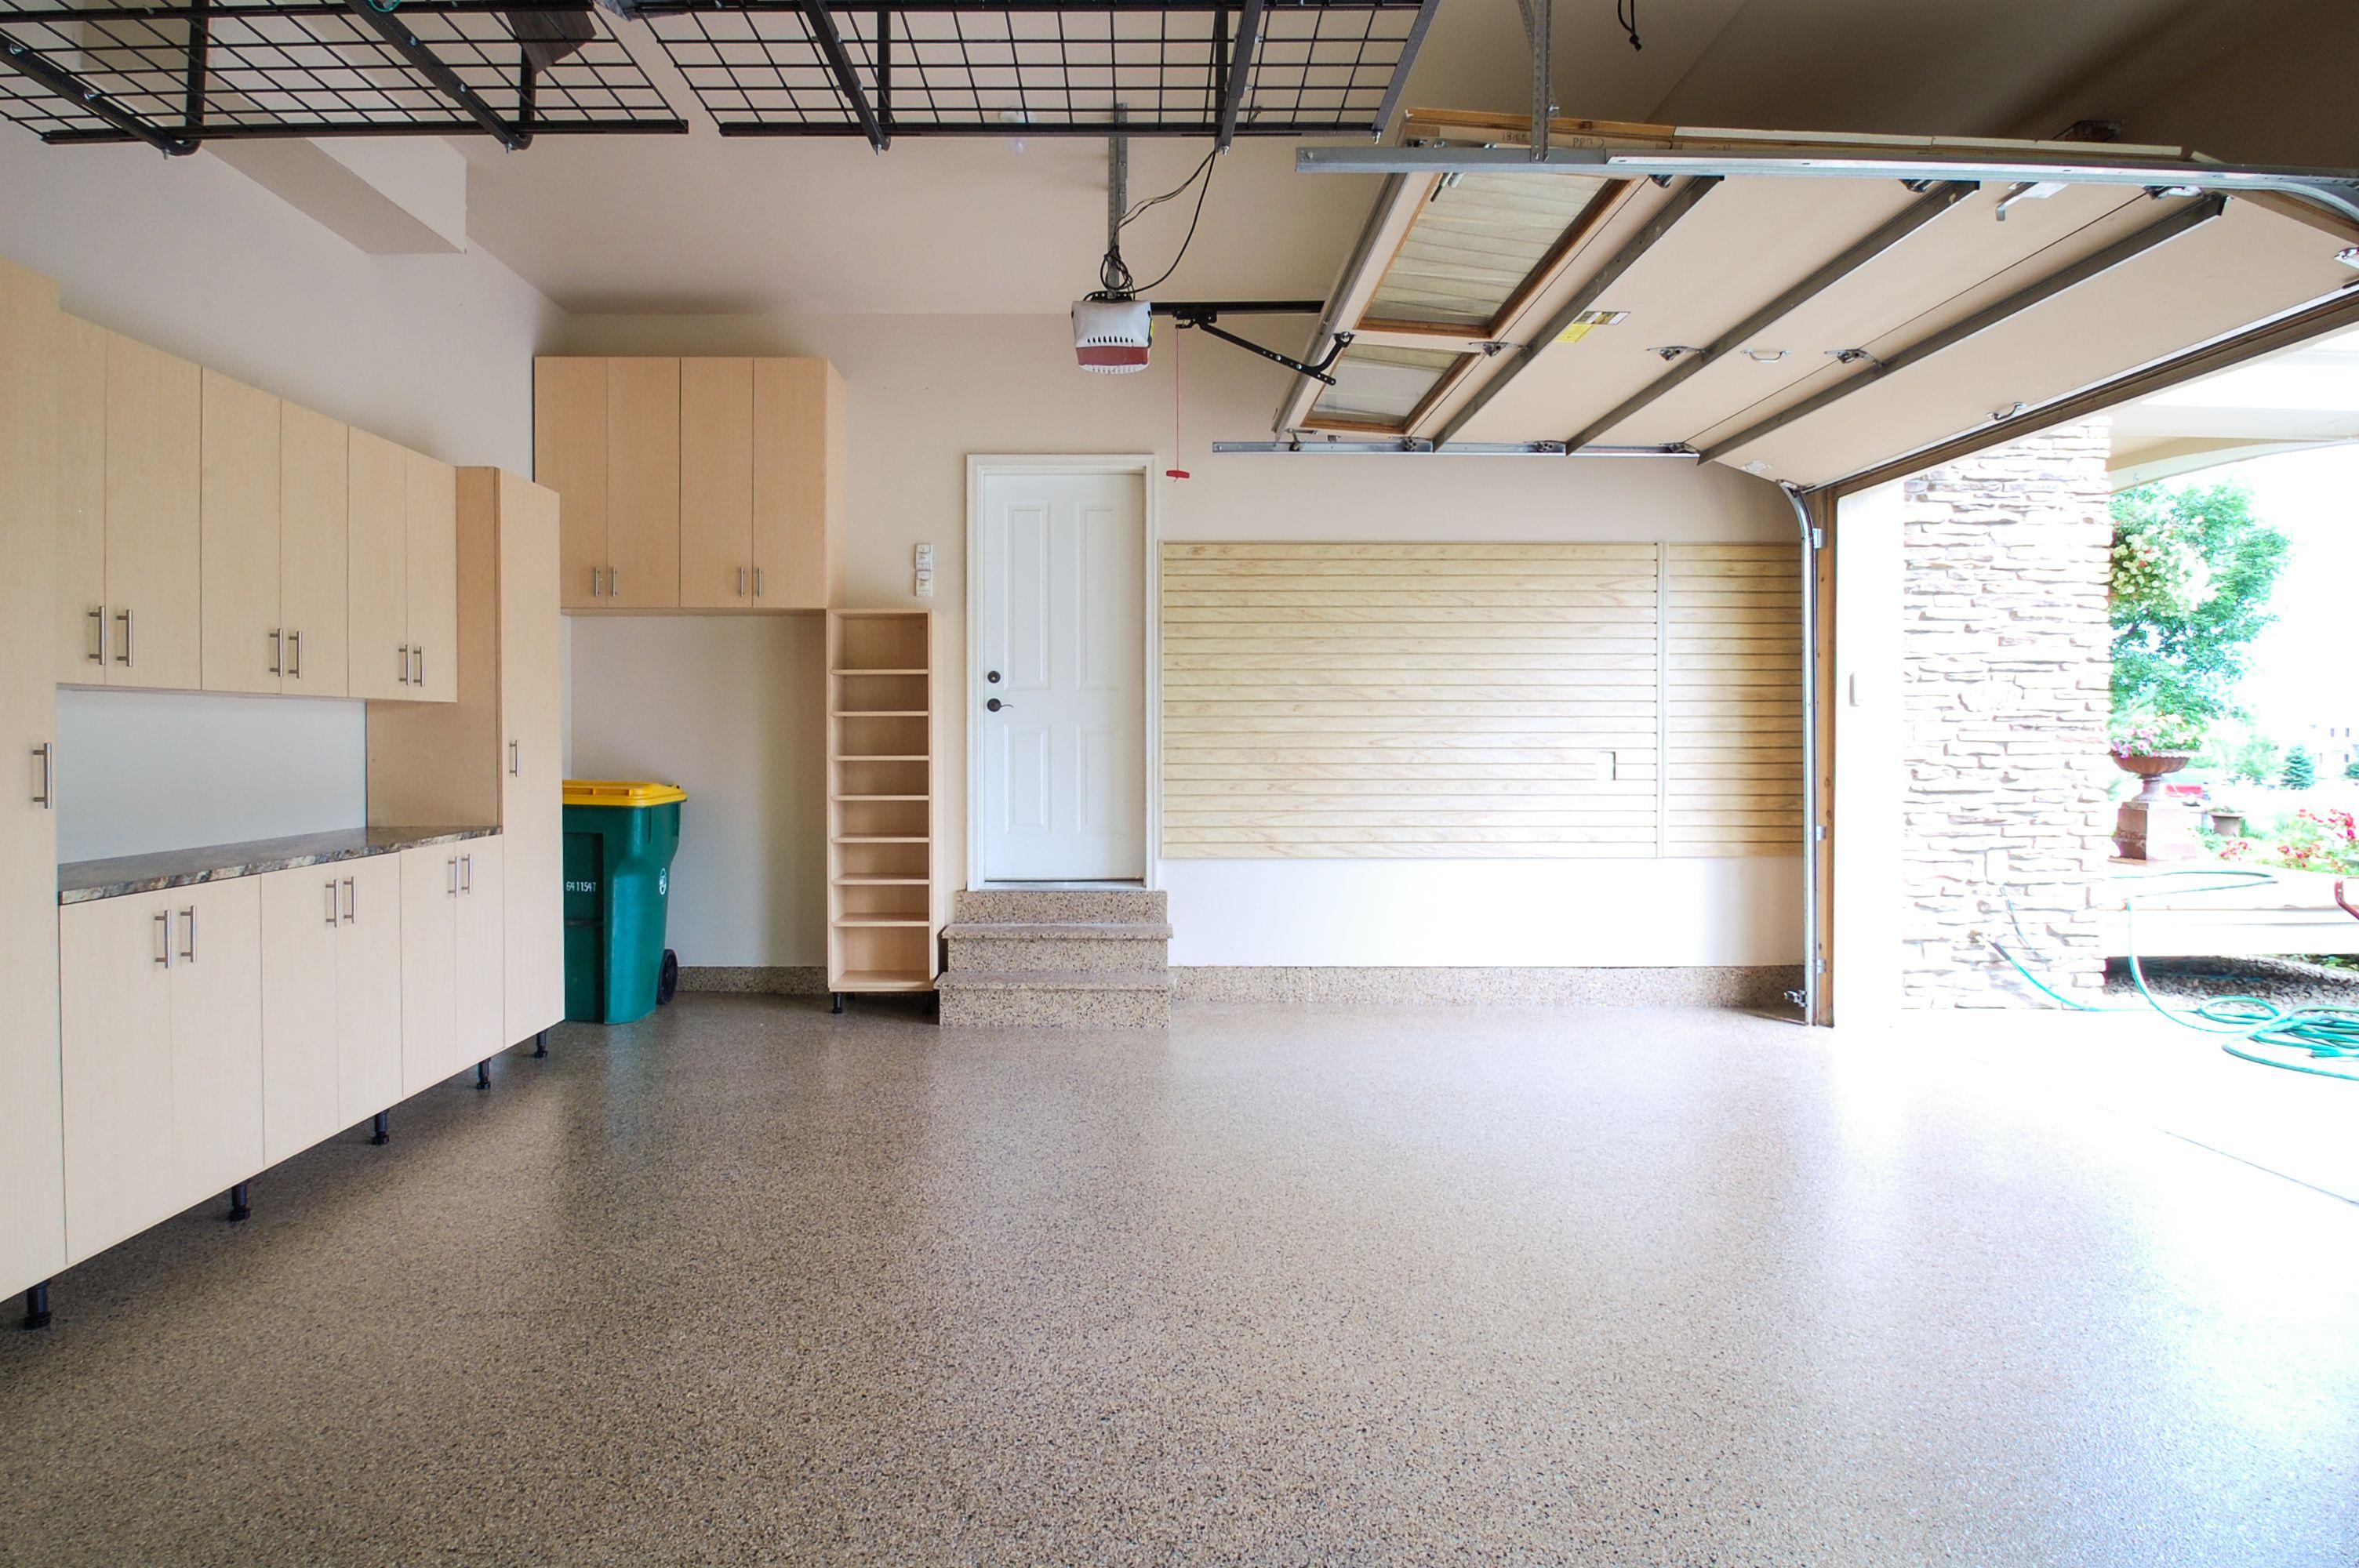 Garage Walk In Closet Organizer Systems Closet In Garage Coat